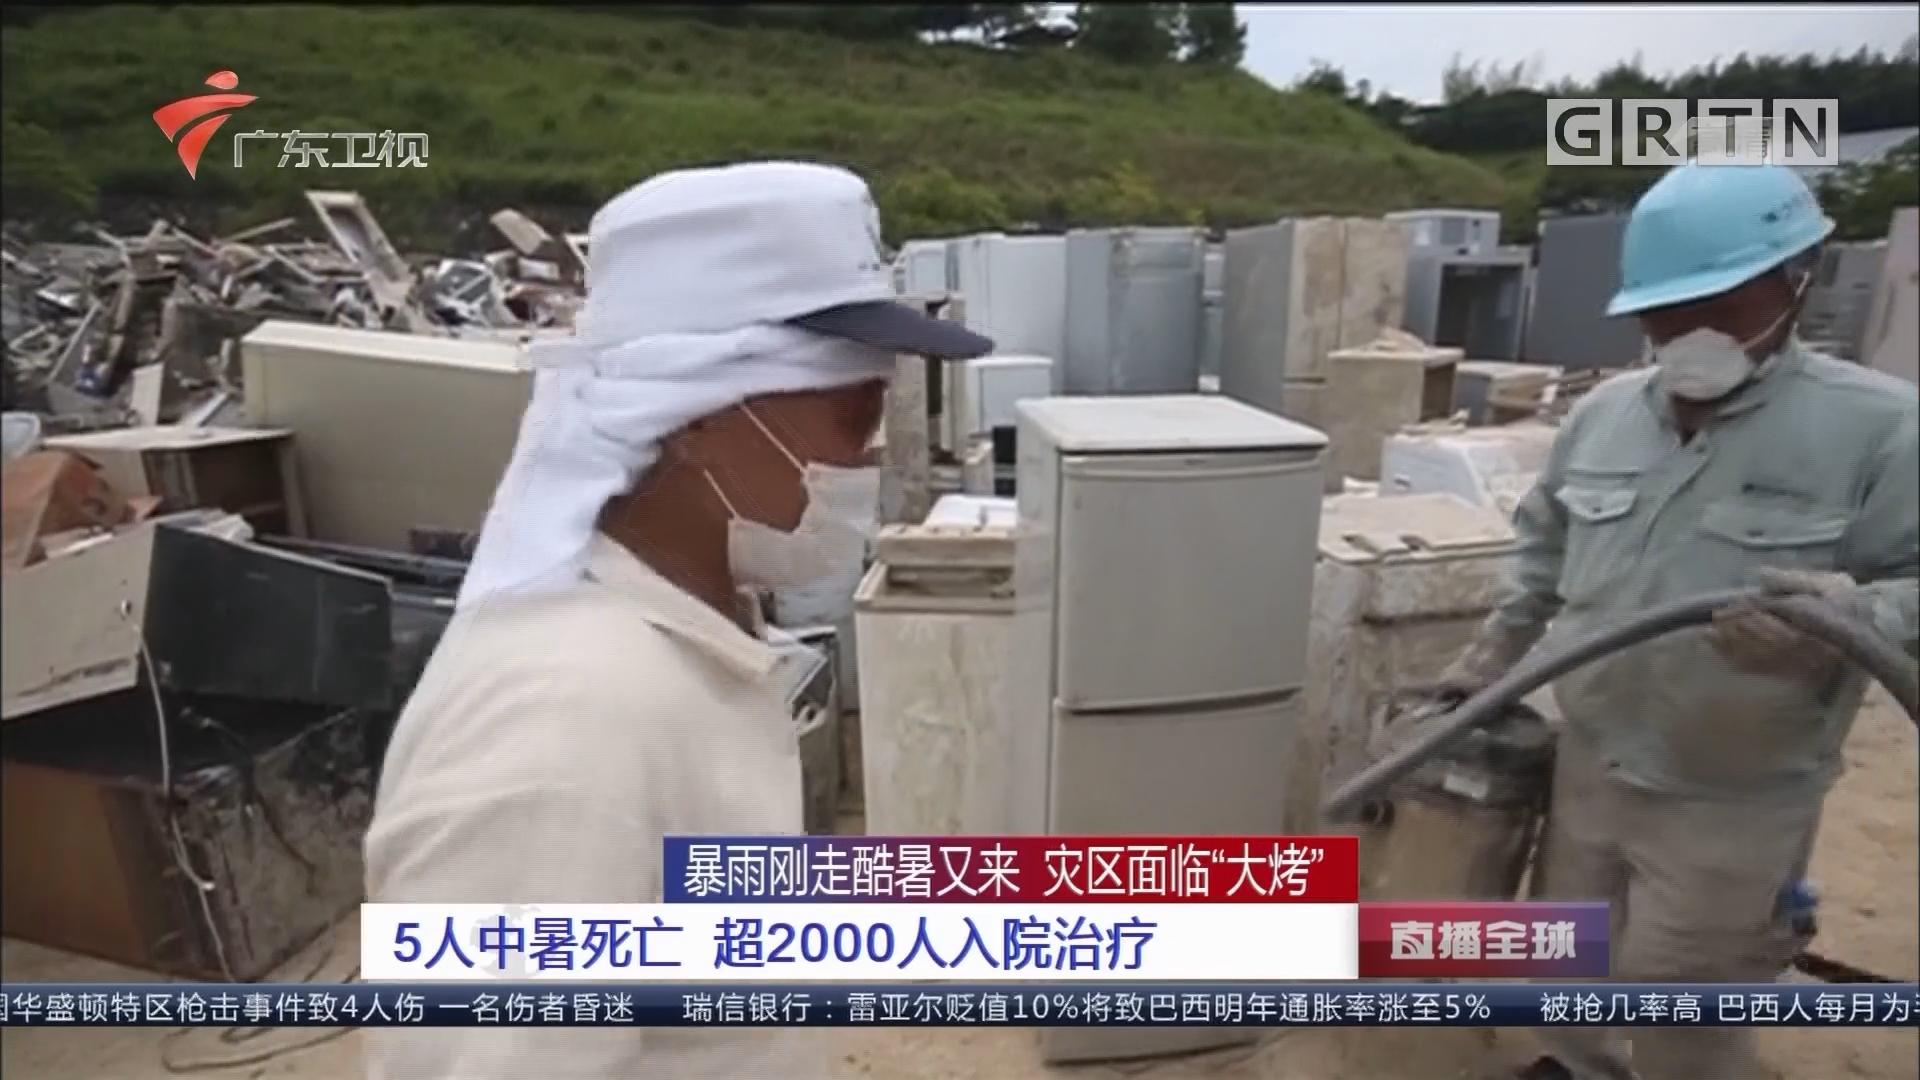 """暴雨刚走酷暑又来 灾区面临""""大烤"""" 5人中暑死亡 超2000人入院治疗"""